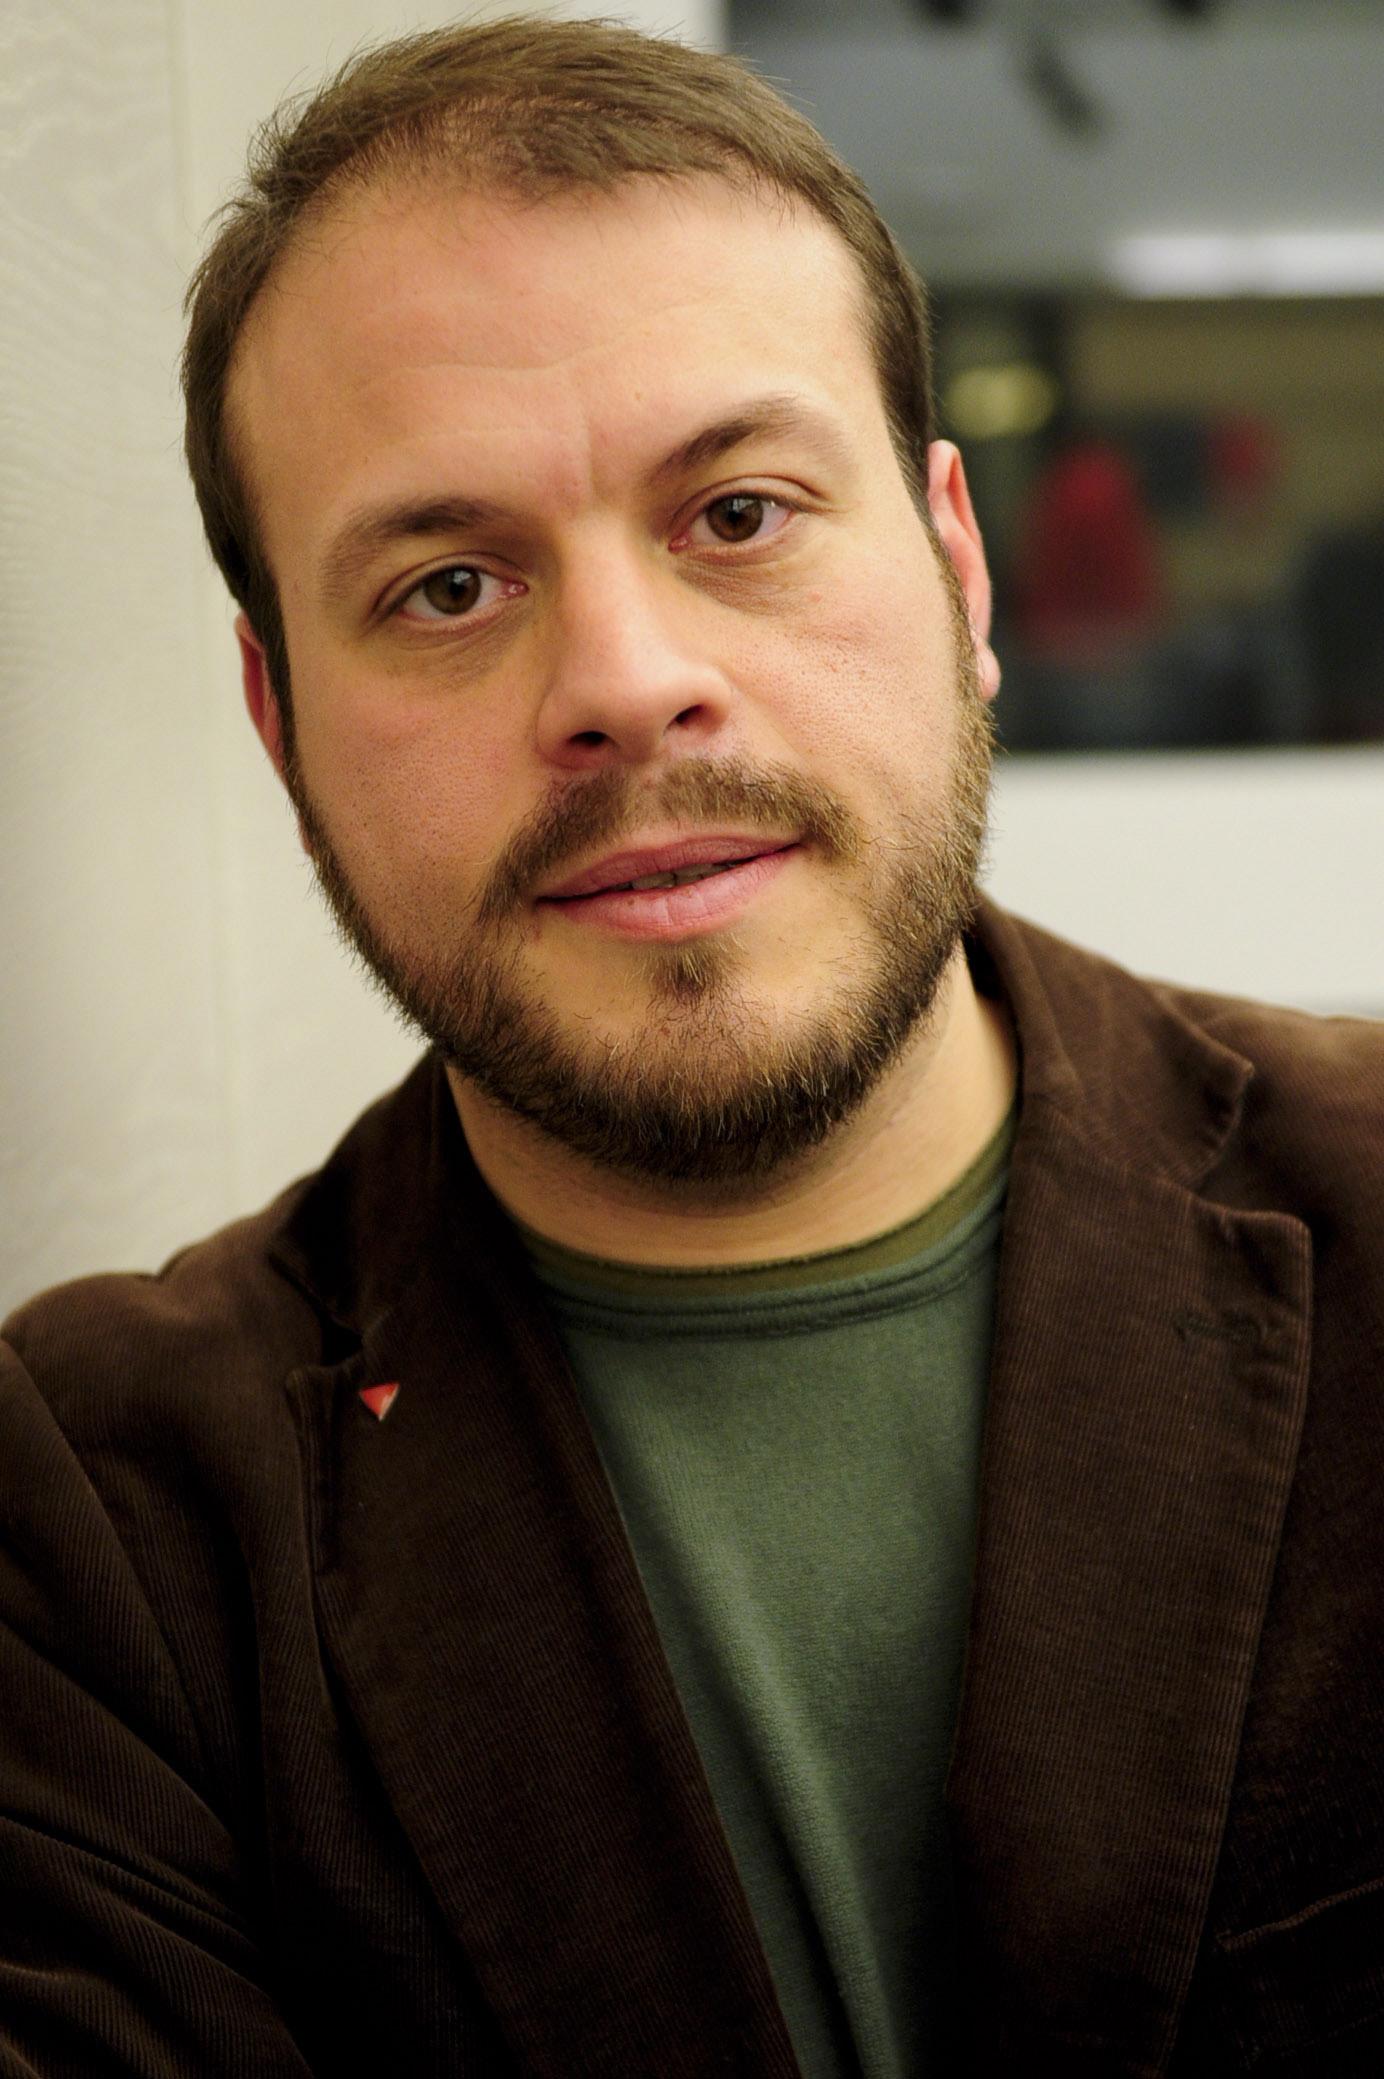 Pablo SANCHEZ CENTELLAS